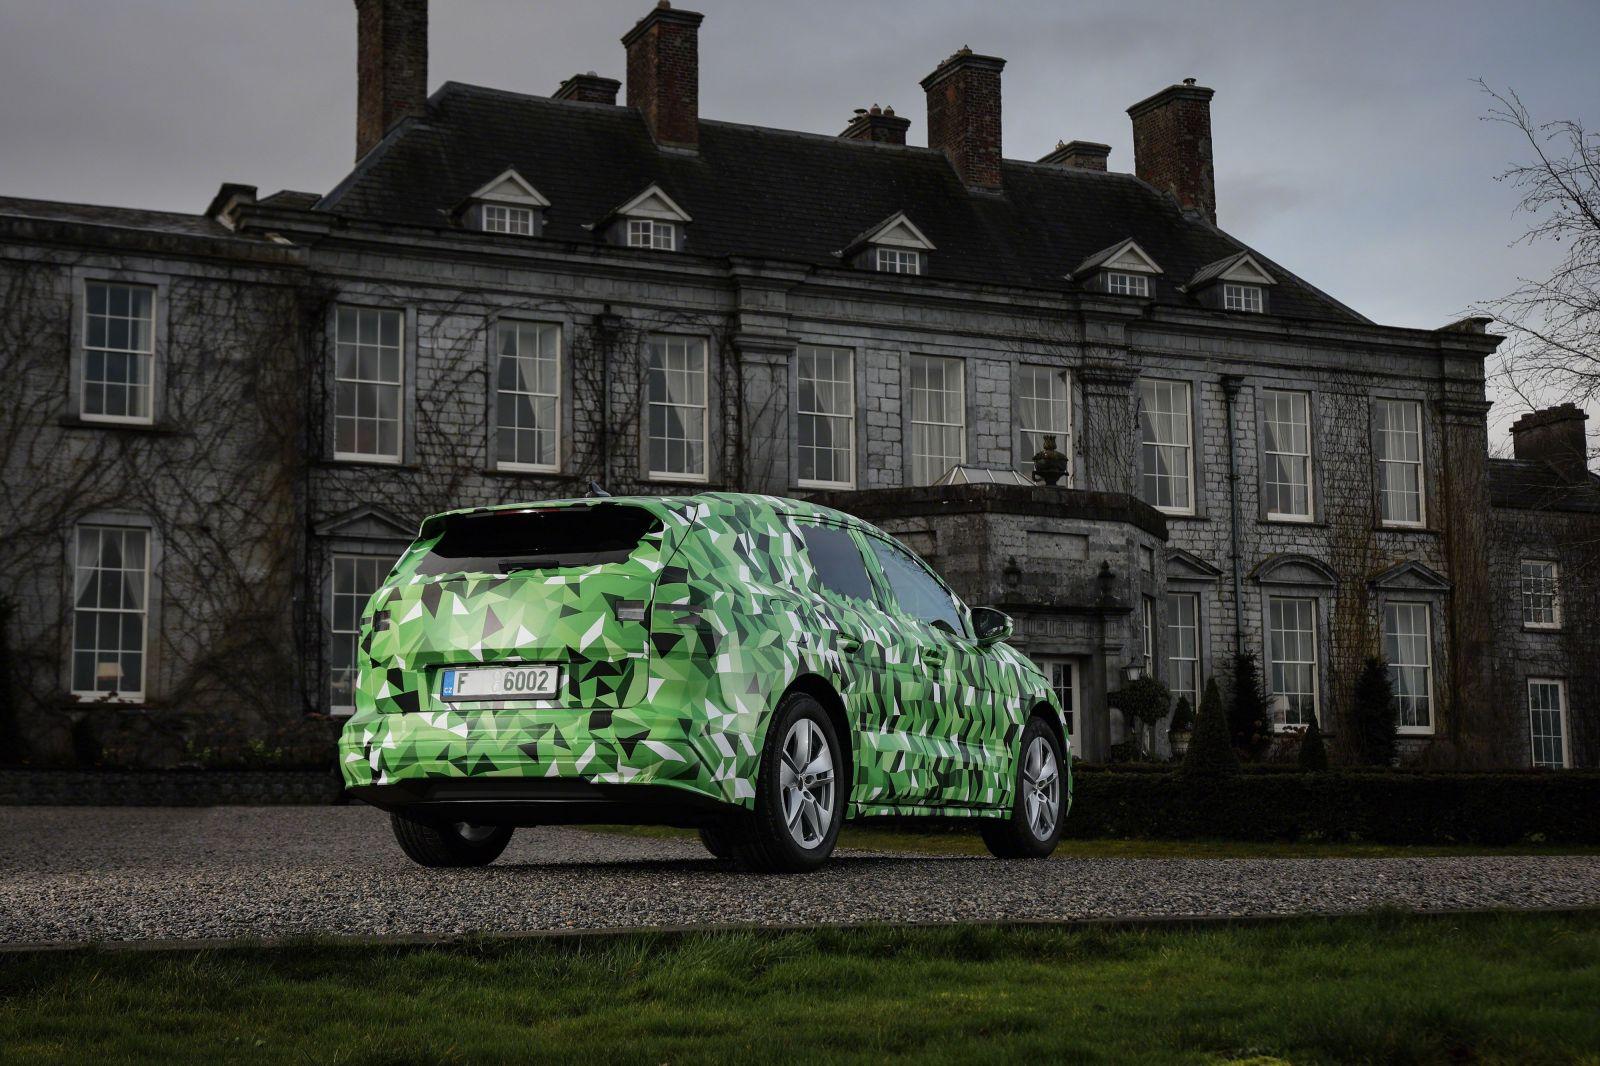 Škoda poodhaľuje svoj elektromobil. Enyaq dostane zadný pohon, vrcholom bude až 306-koňové RS